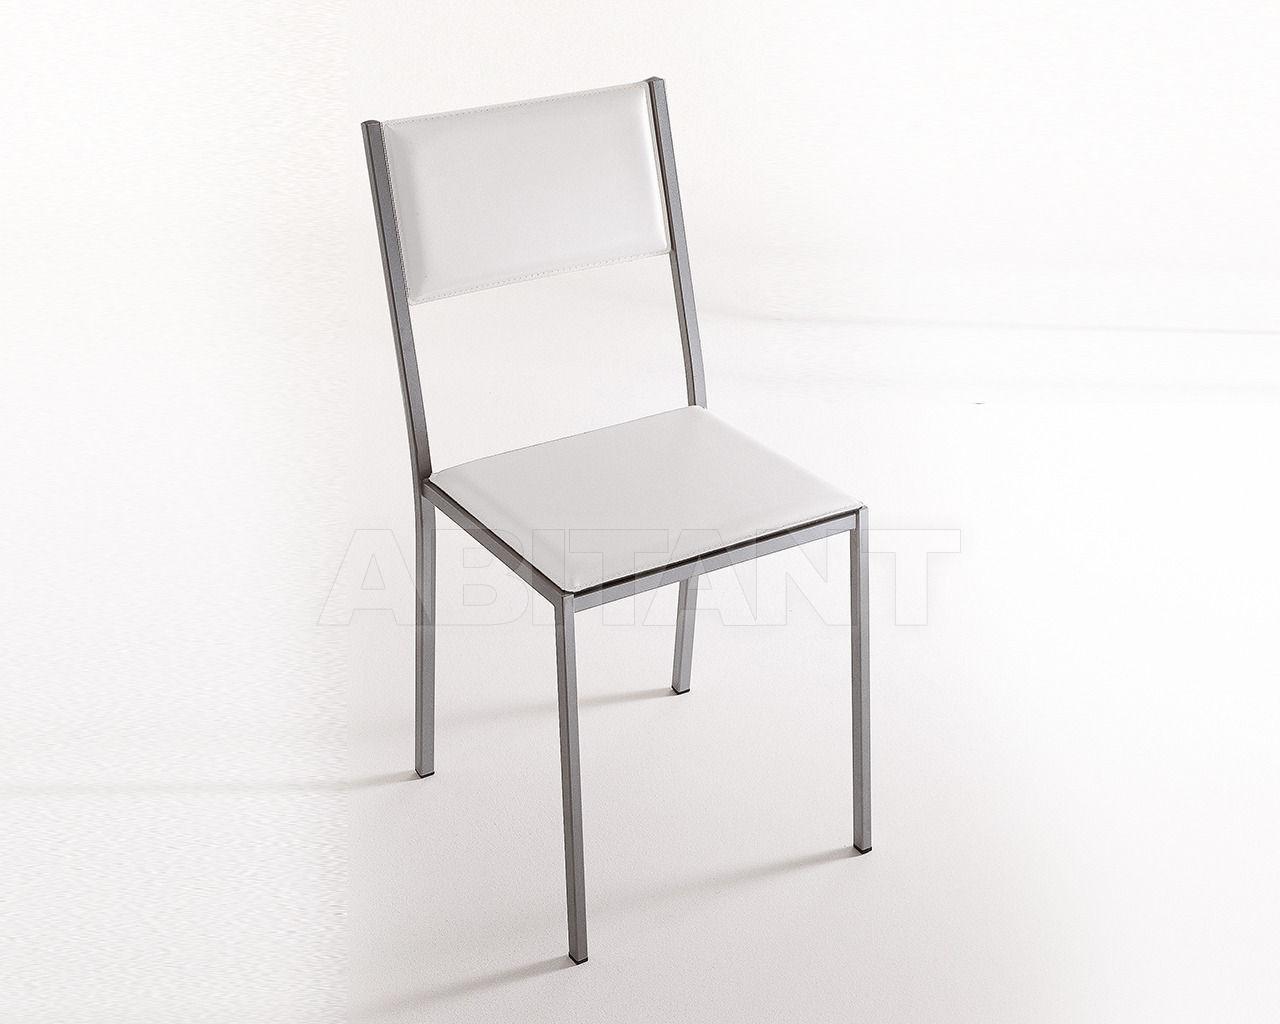 Купить Стул ERICA Eurosedia Design S.p.A. 2013 226047 -402011